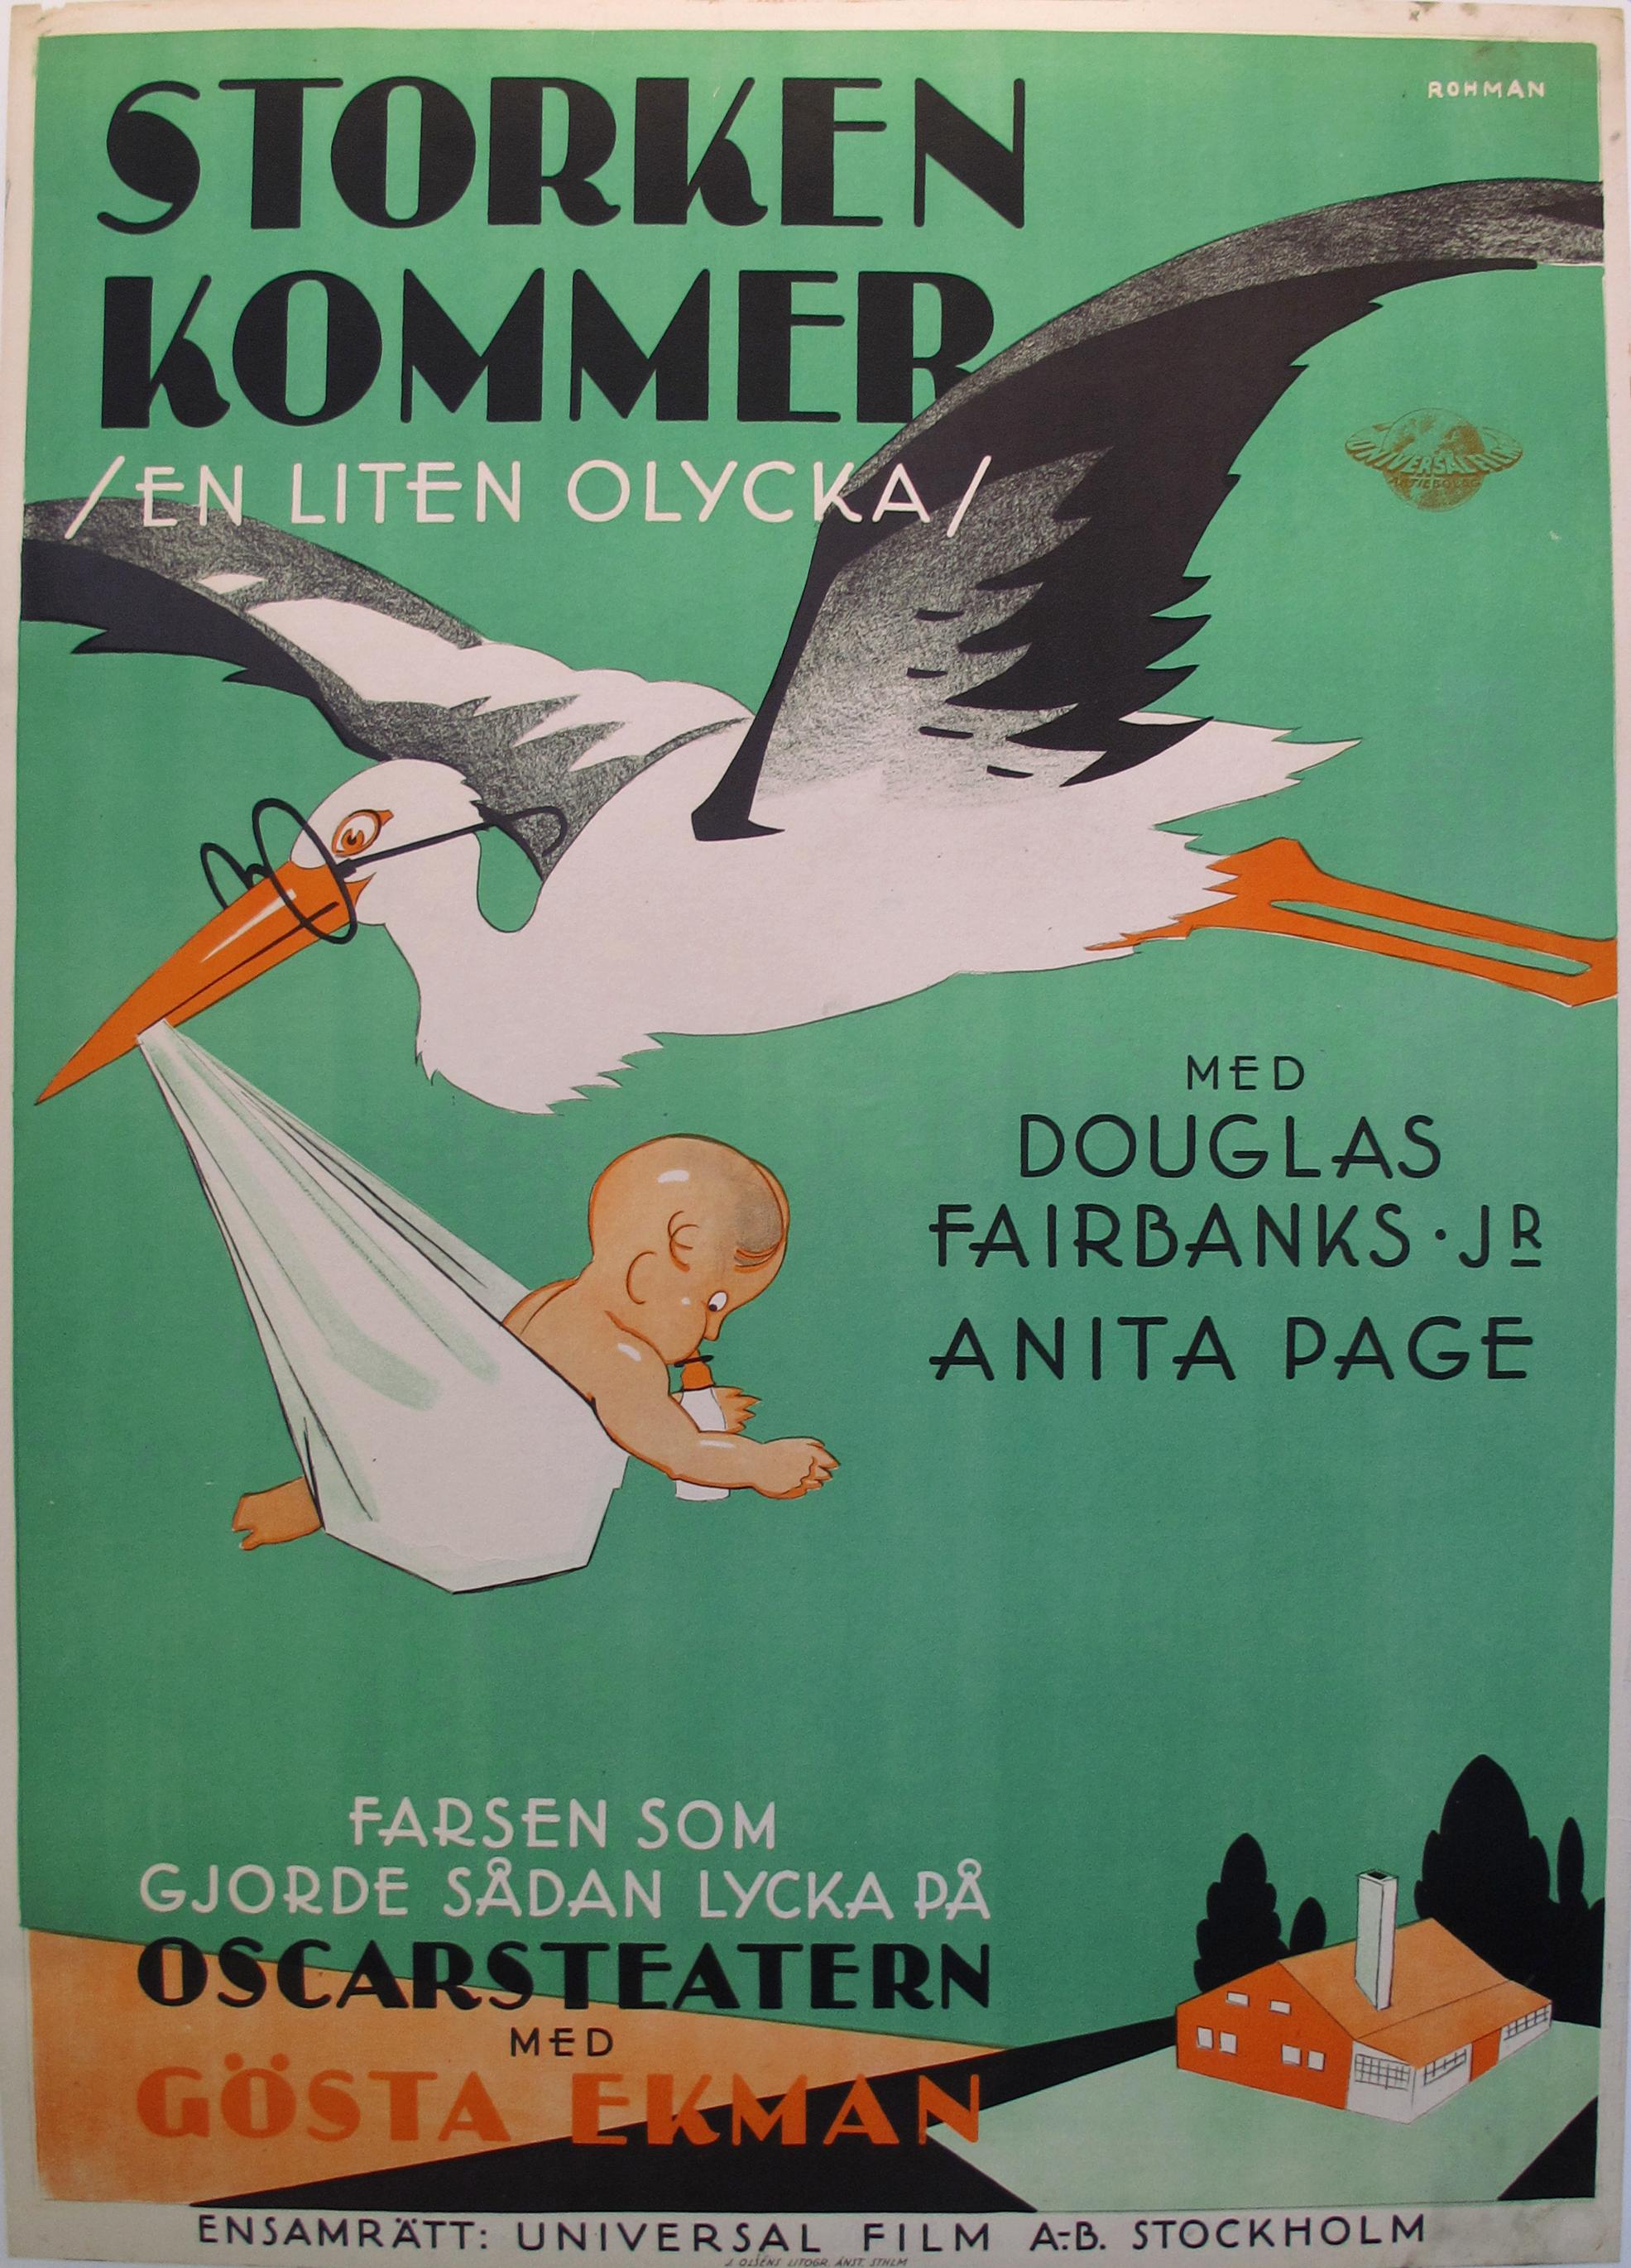 1930s Vintage Danish Movie Poster Storken Kommer Chairish